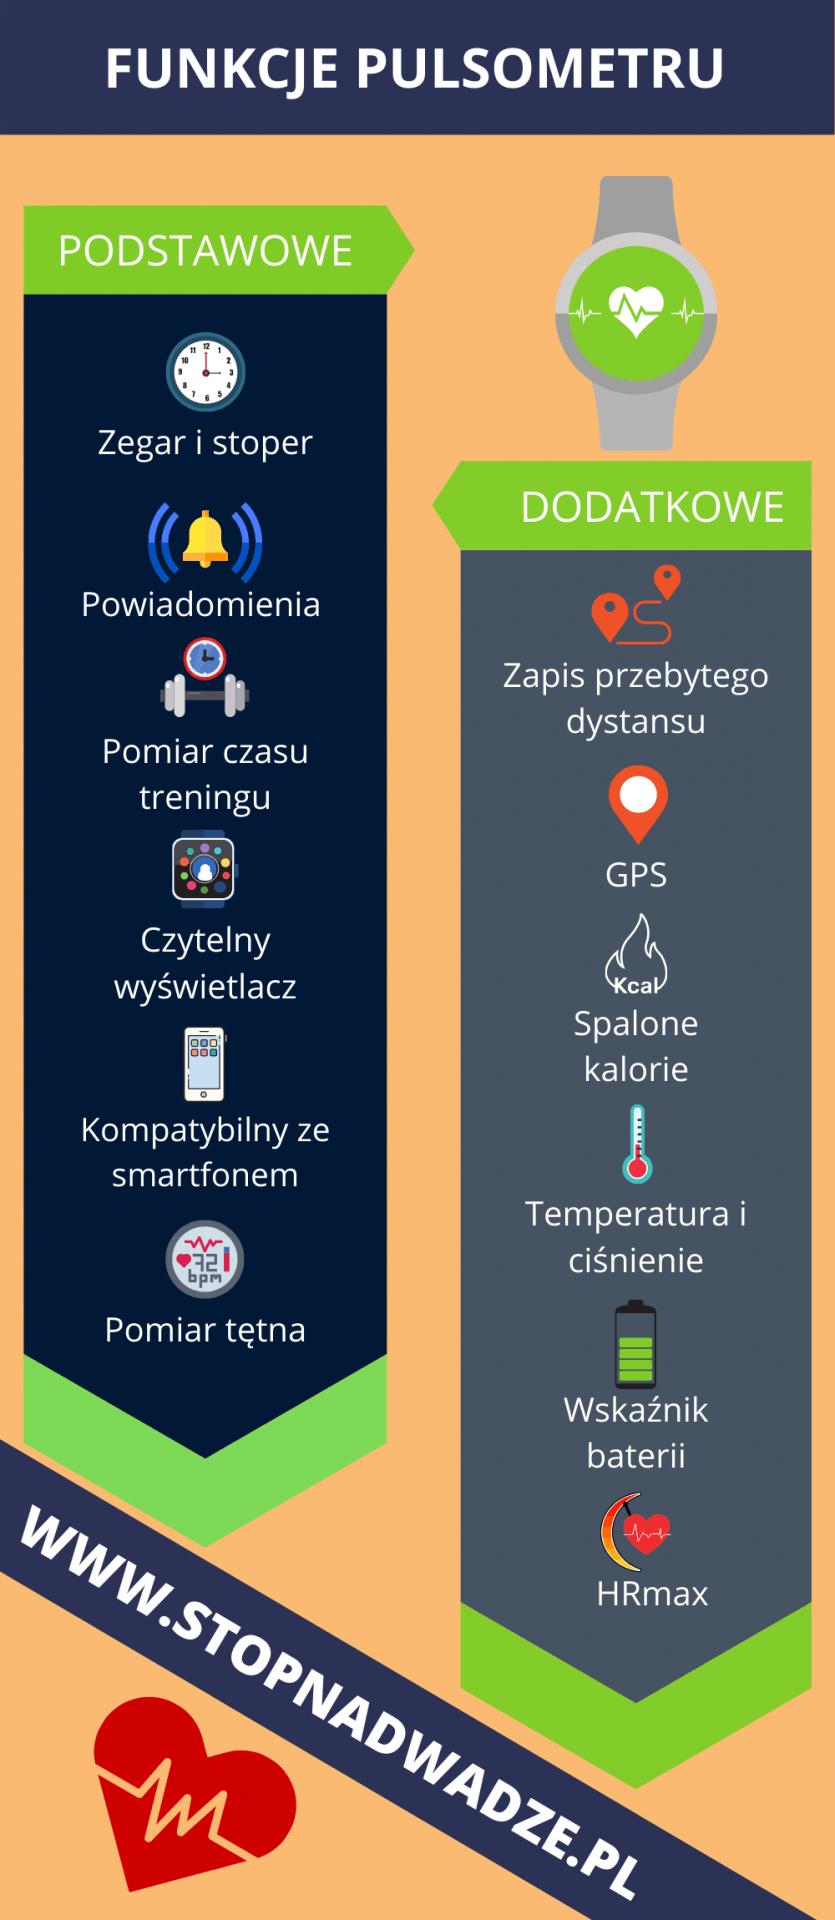 Co powinien zawierać dobry pulsometr / tętnomierz? W wszystkie podstawowe funkcje pulsometru oraz dodatkowe przedstawione na infografice. Infografika